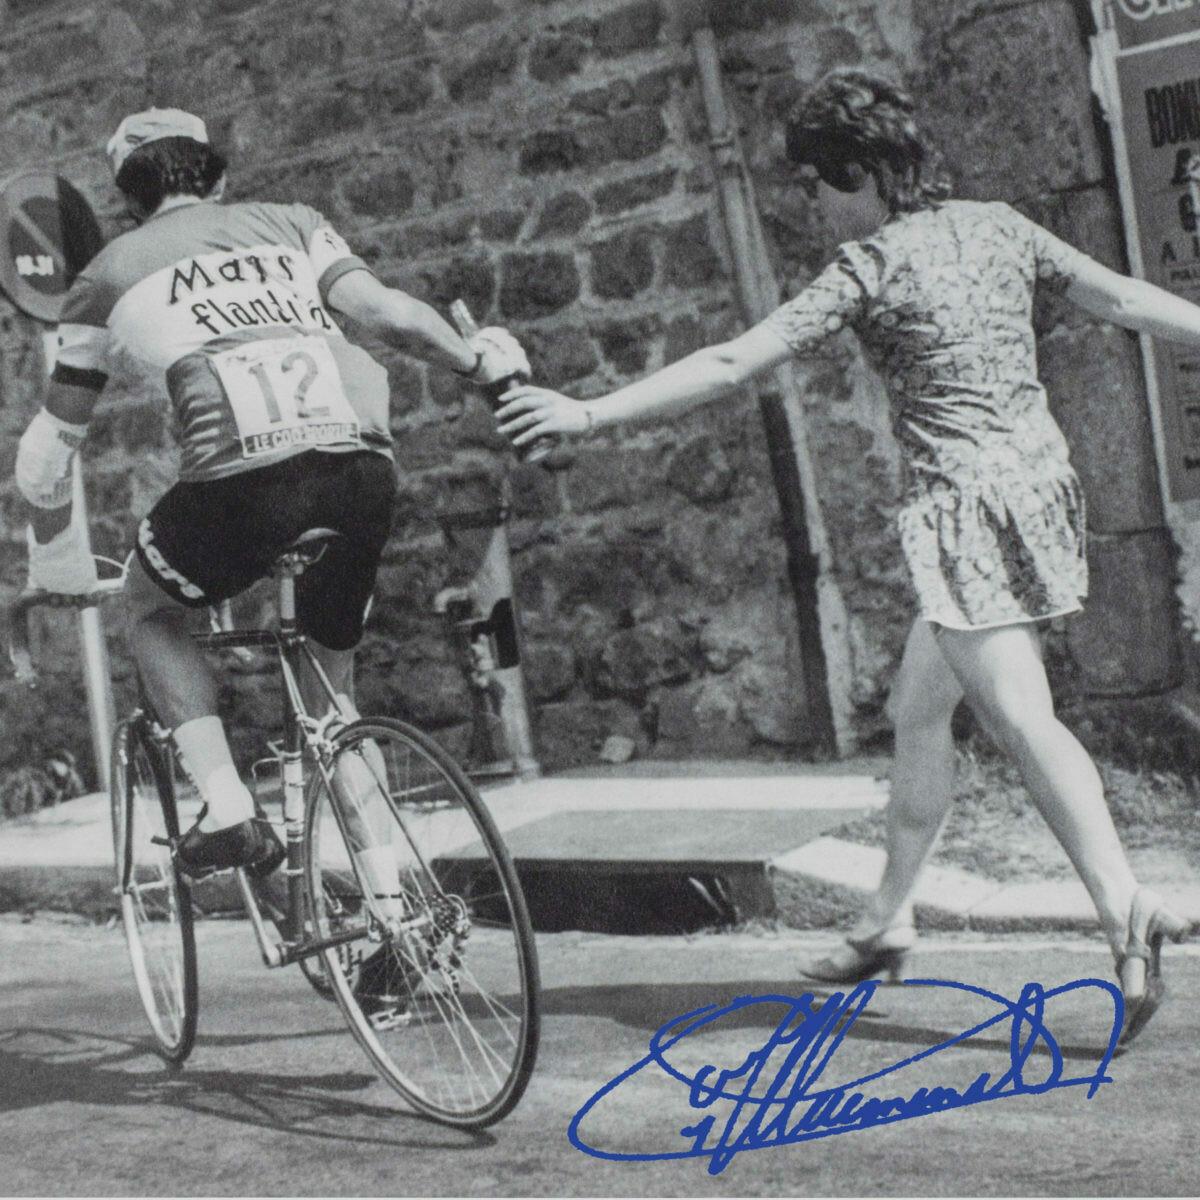 Roger De Vlaeminck, 1971 Tour de France (Autographed)